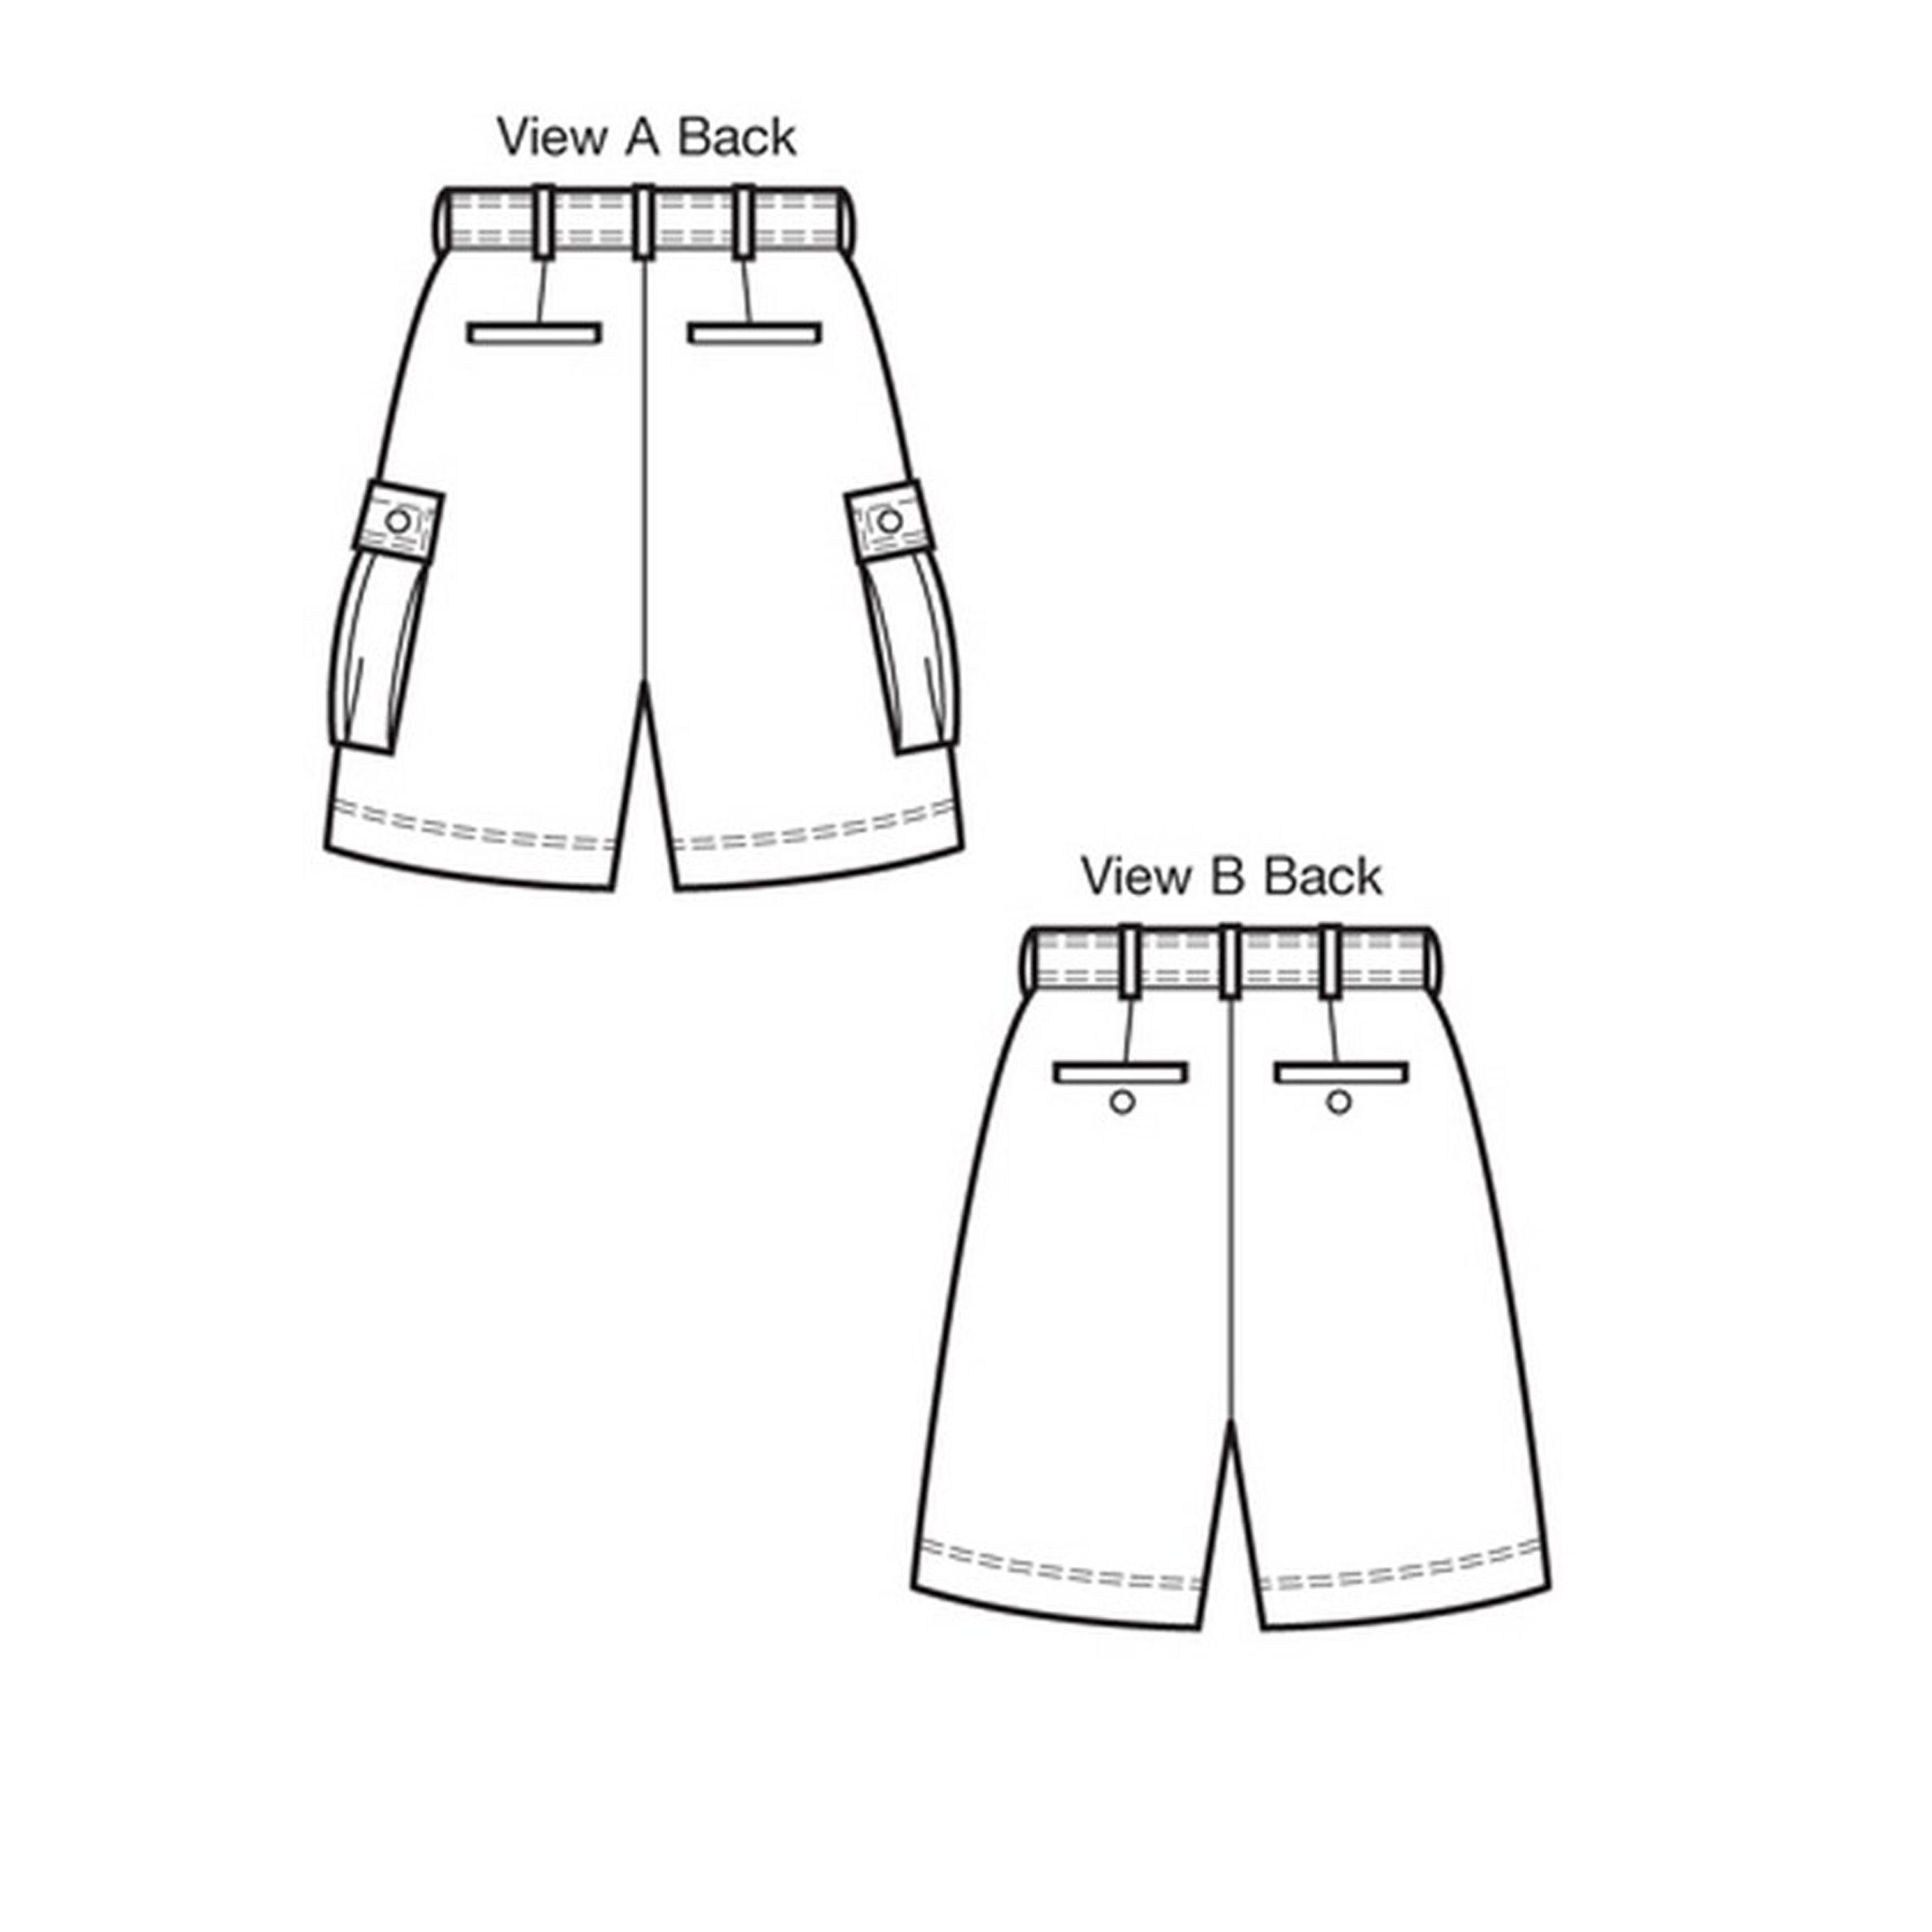 Mens Shorts Sewing Pattern : shorts, sewing, pattern, Men's, Shorts, Sewing, Pattern,, Lewis, Partners